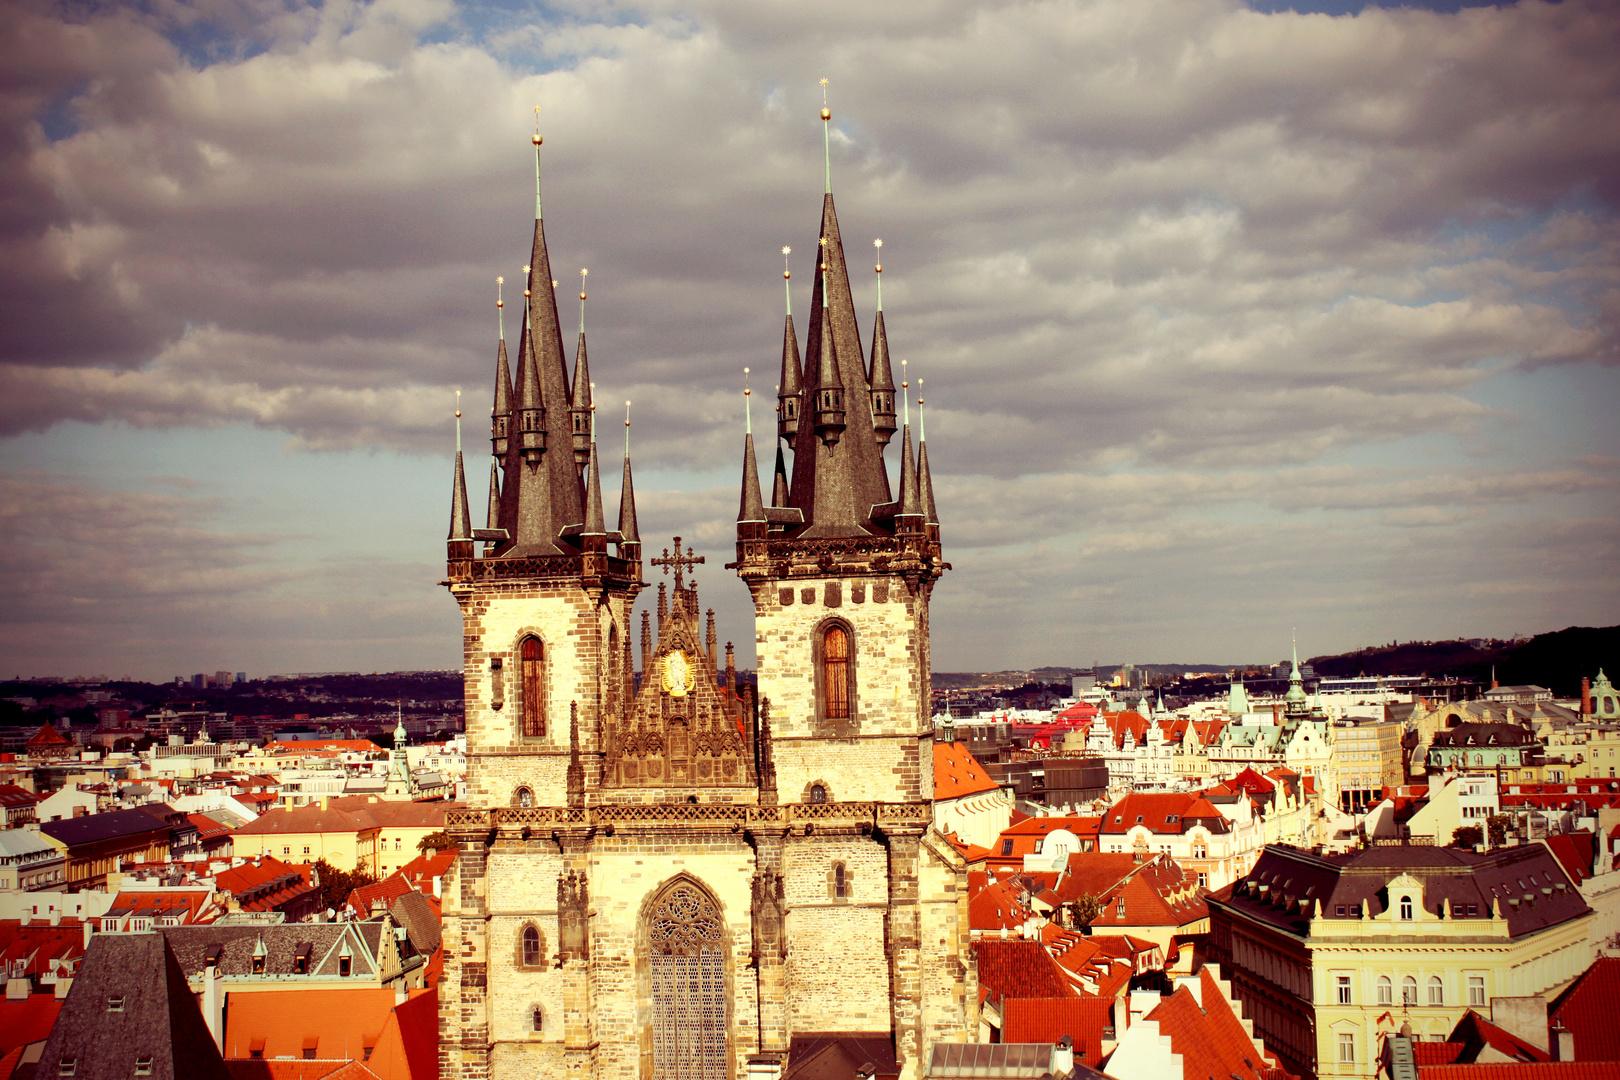 Týn Kirche